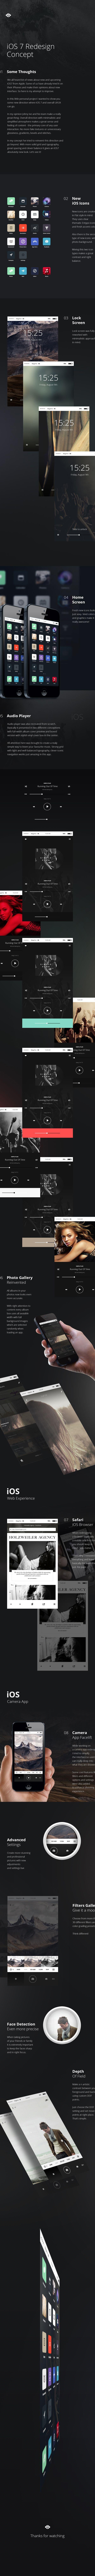 iOS 7 Redesign Concept by Alexey Masalov, via Behance